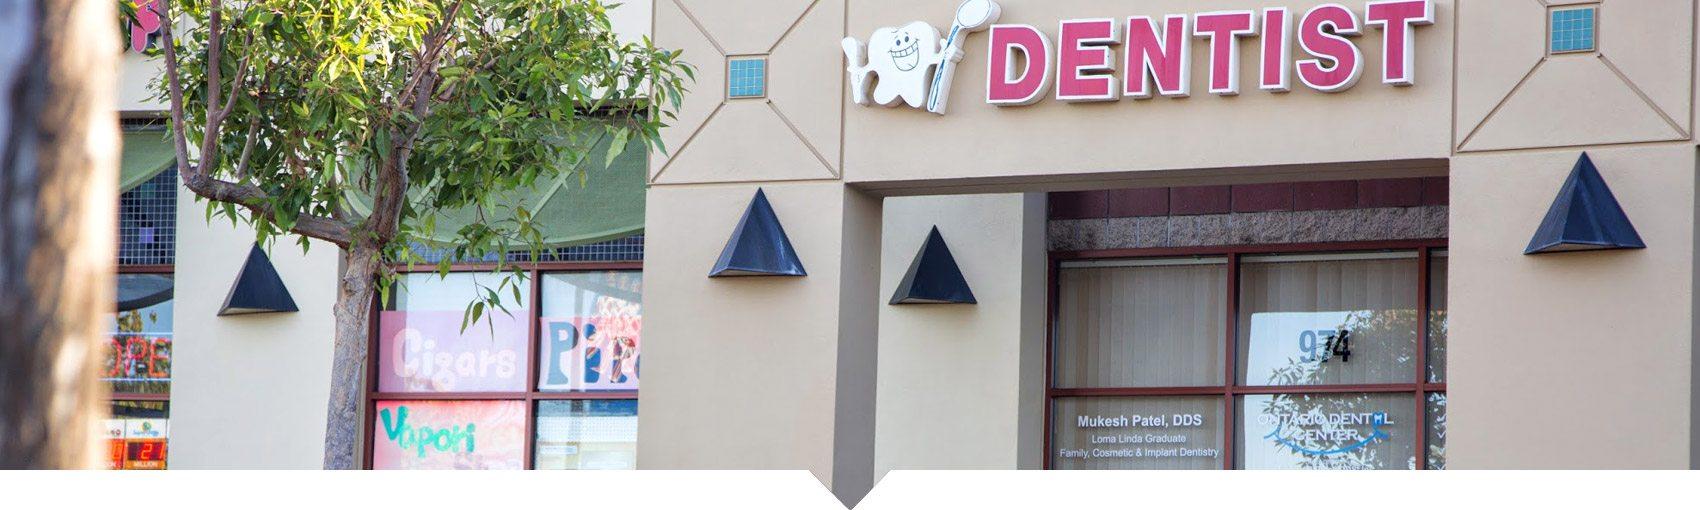 Office Tour - Ontario Dental Center